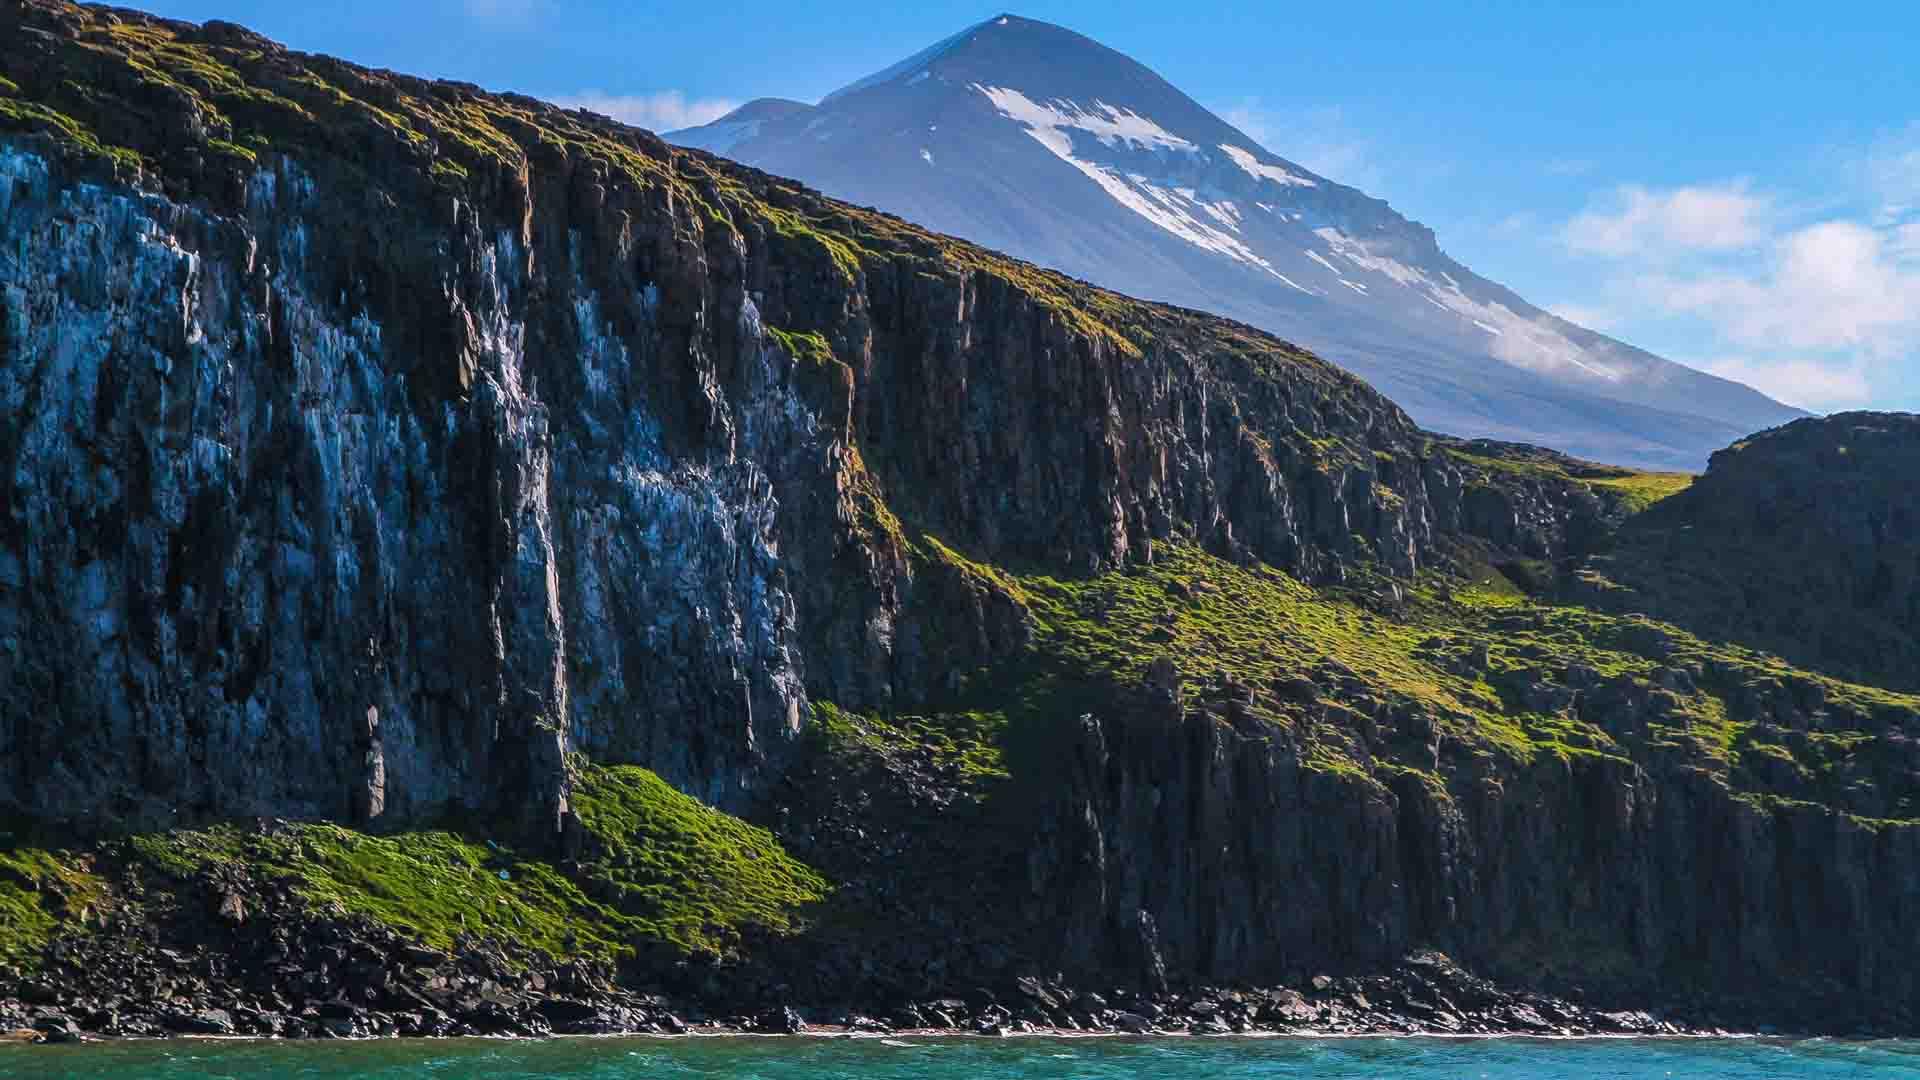 Lo scioglimento dei ghiacci ha fatto emergere risorse per le grandi potenze